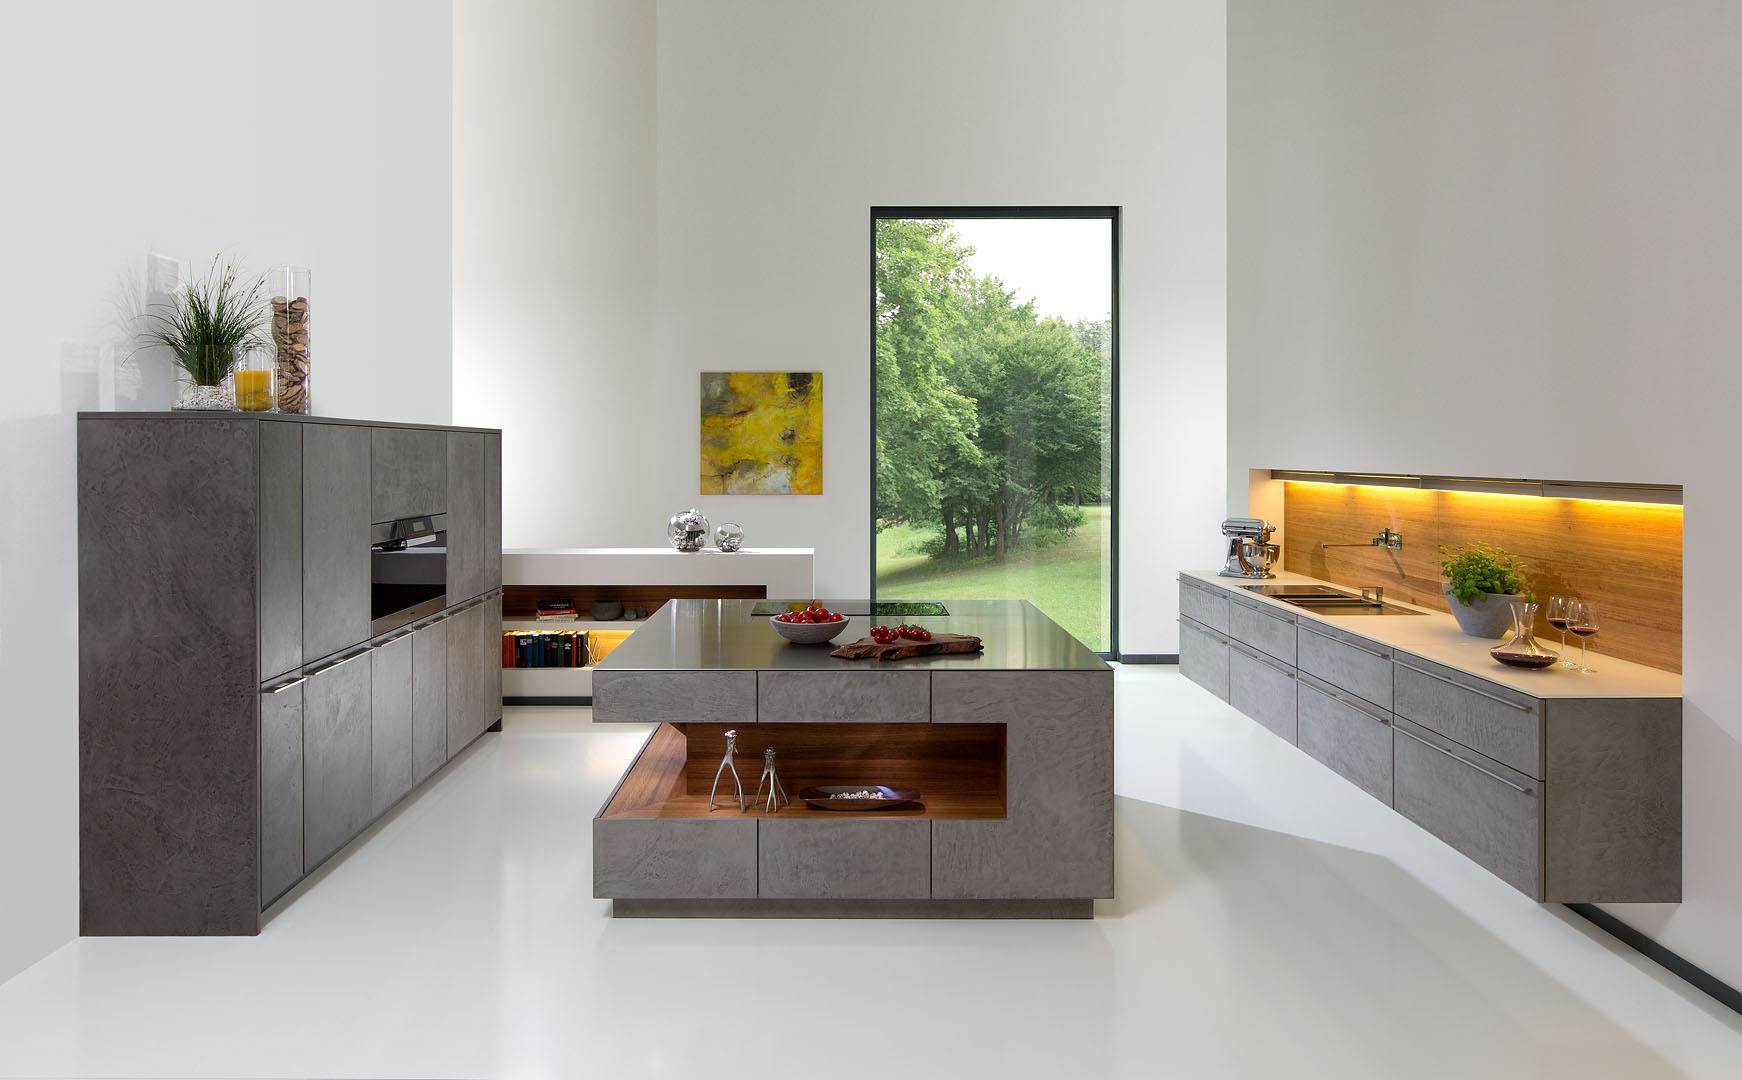 Rempp Küchen - FS-Küchen